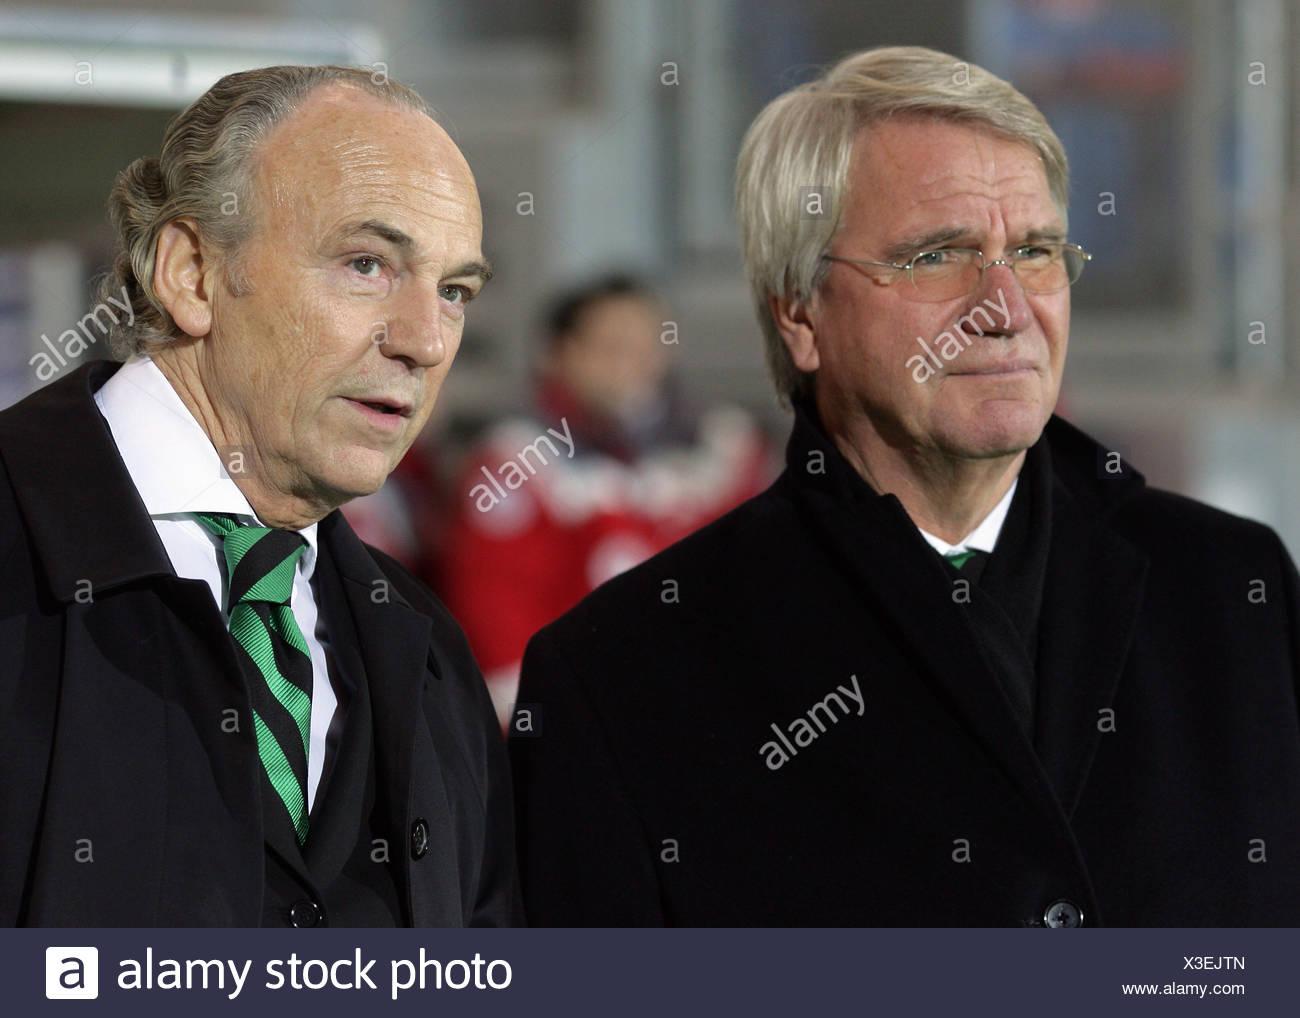 Président de la German soccer club Borrussia Moenchengladbach Rolf Koenigs (r.) et son vice Siegfried Soellner (l.) Banque D'Images